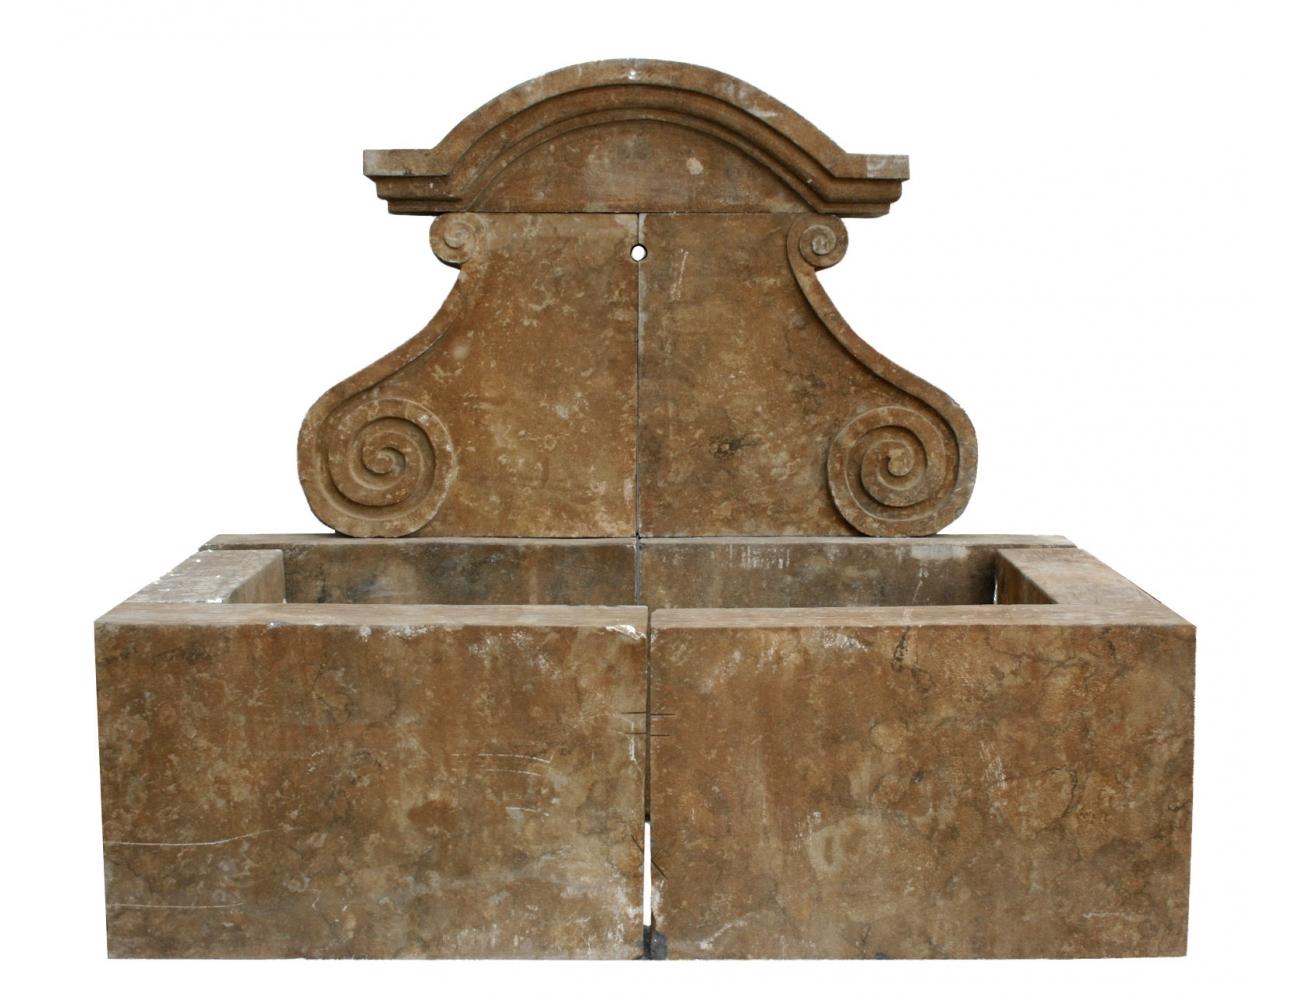 Fuente de pared de piedra envejecida estilo antiguo - Fuentes de pared de piedra ...